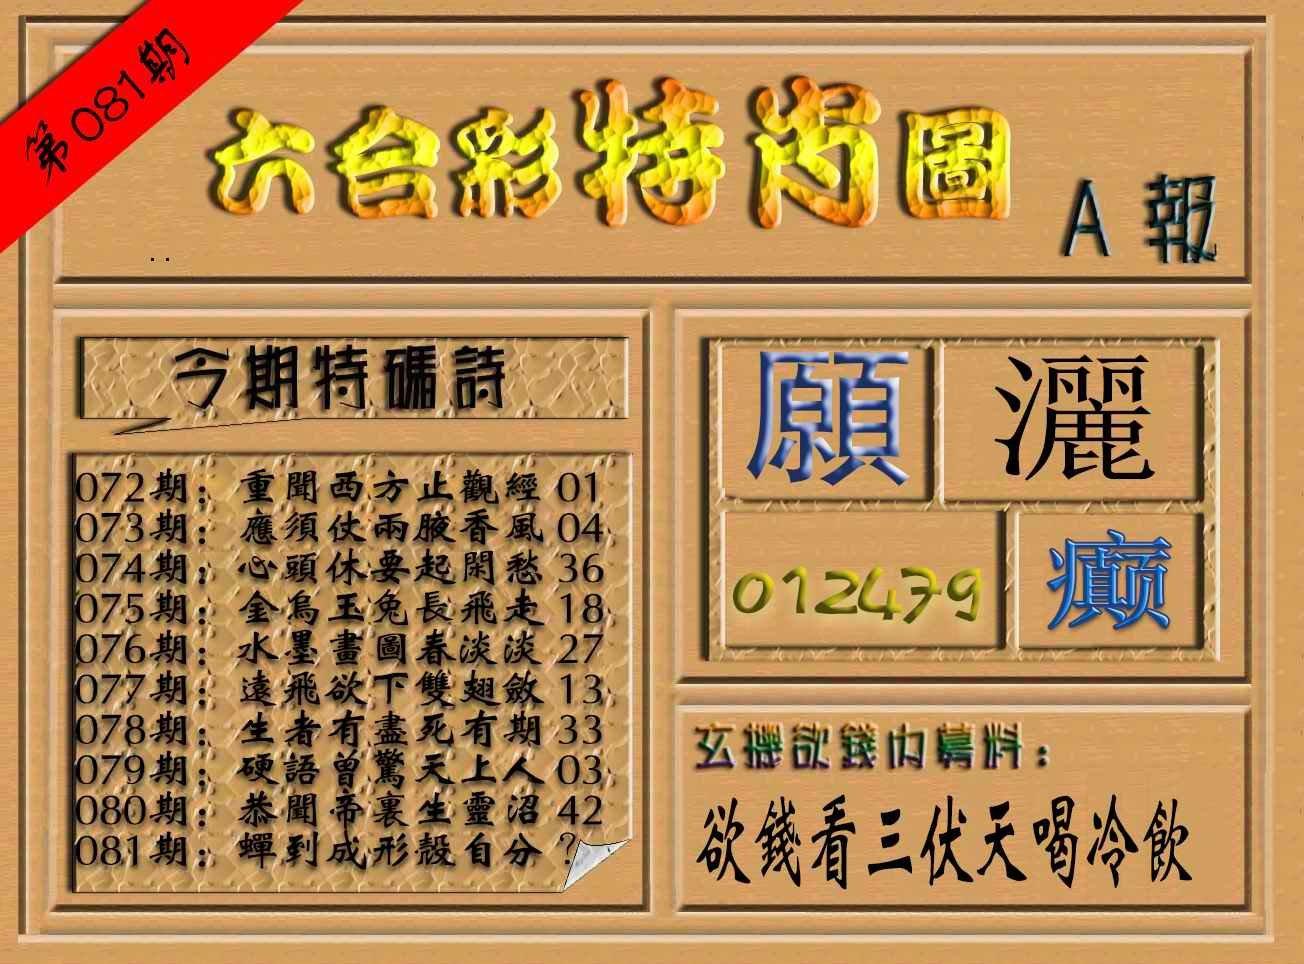 081期六合彩特肖图(A报)